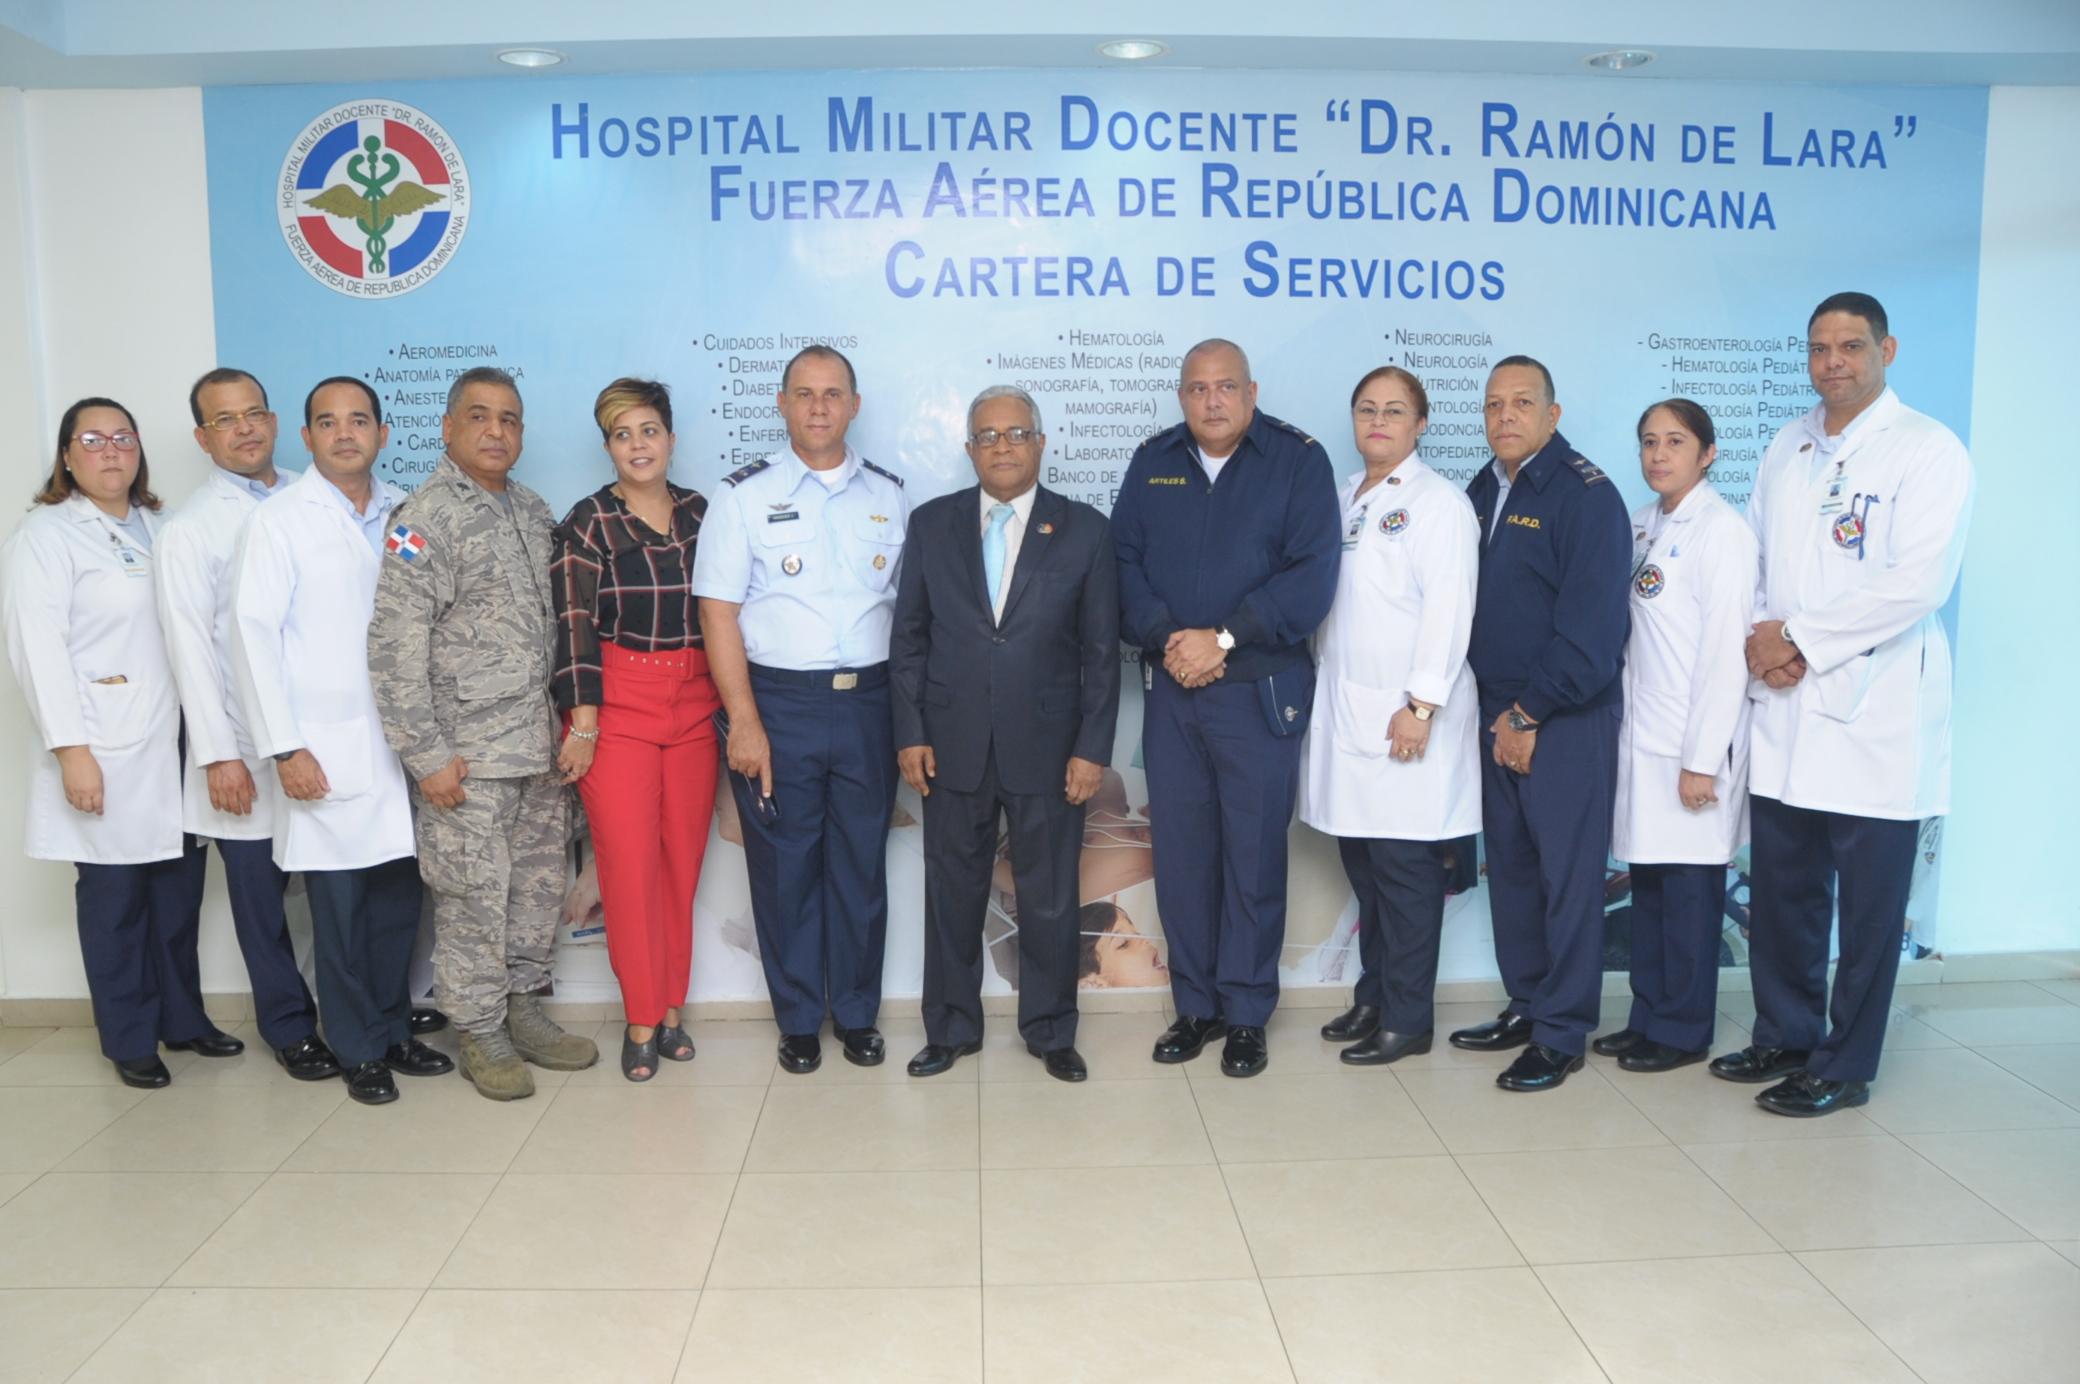 Ministro de Salud realiza recorrido por el hospital  Militar Docente Dr. Ramón de Lara